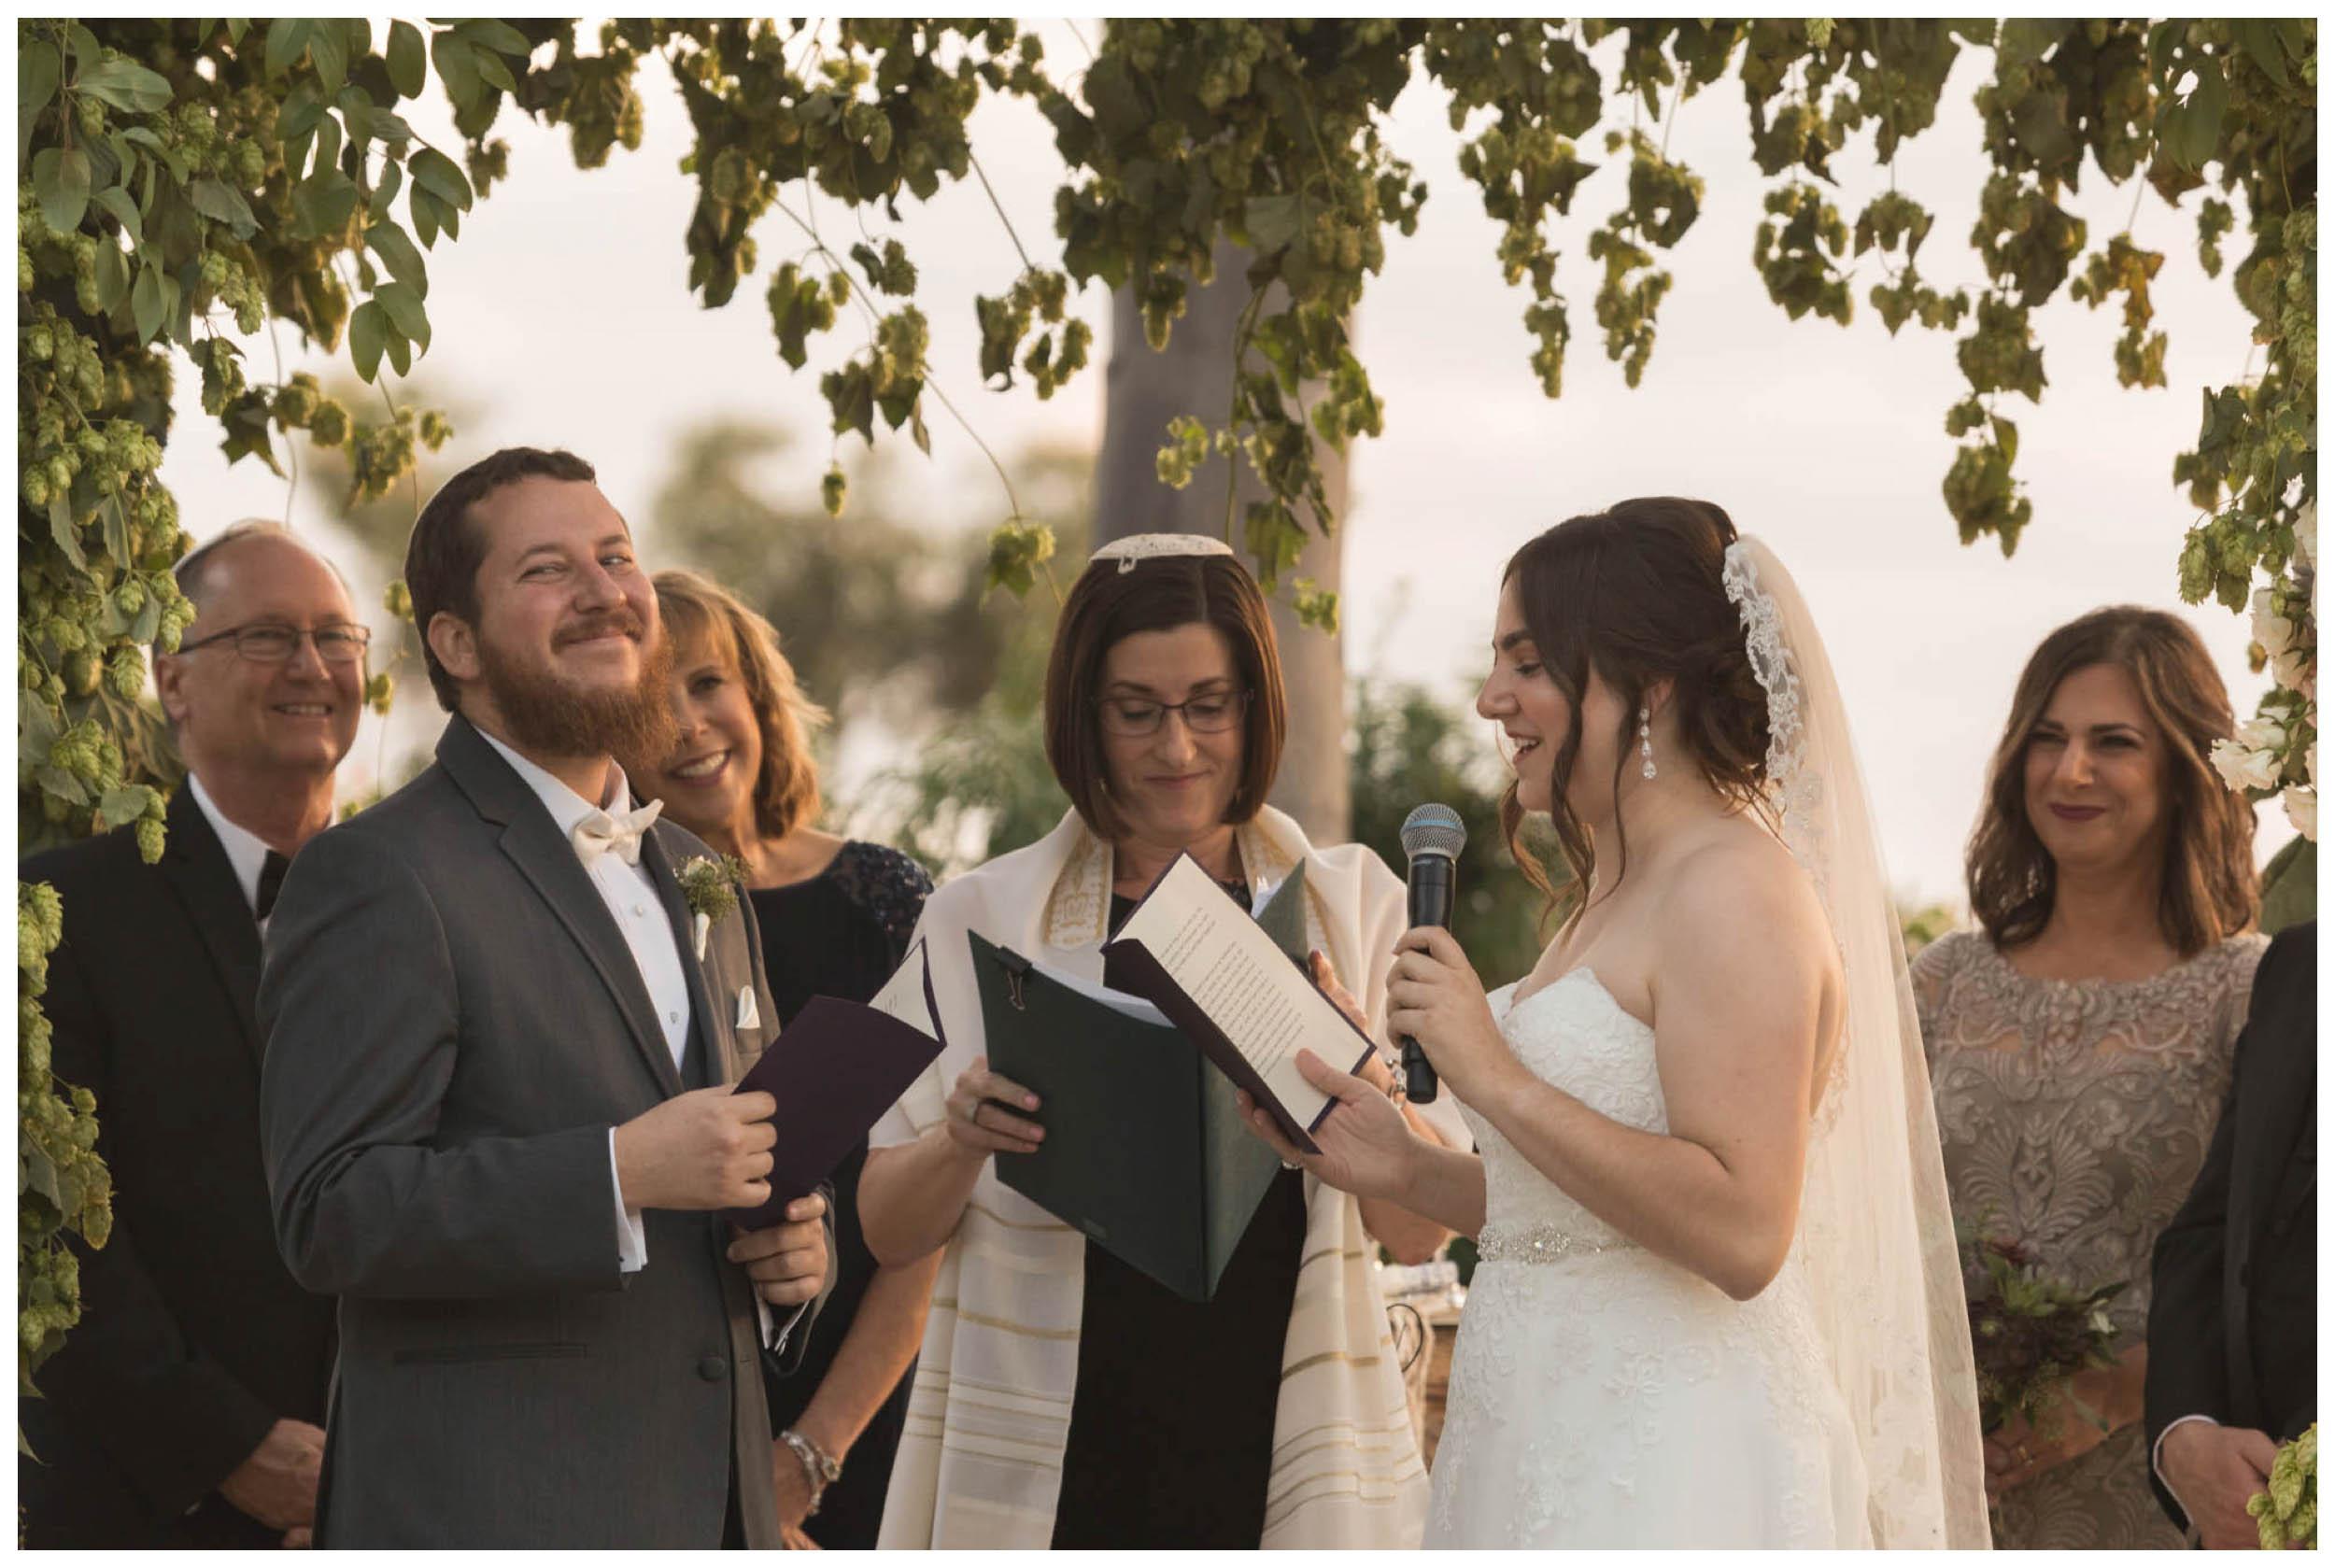 shewanders.wedding.photography.san.diego.rustic._1718.jpg